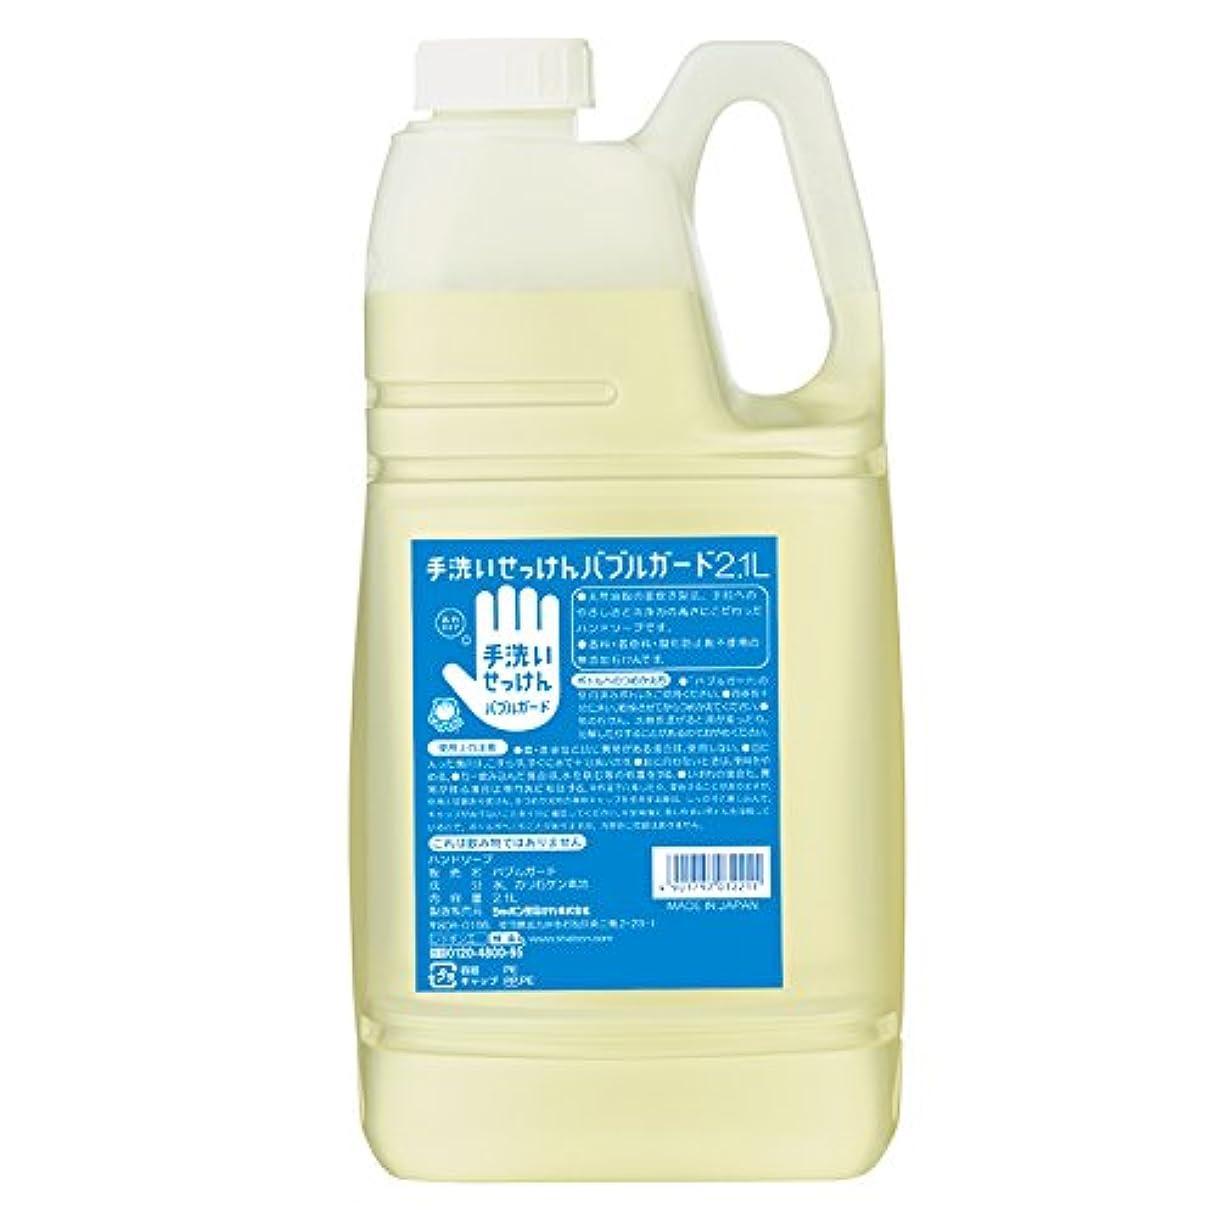 圧縮された開梱ストッキングシャボン玉石けん 手洗いせっけん?ハンドソープ バブルガード 2.1L